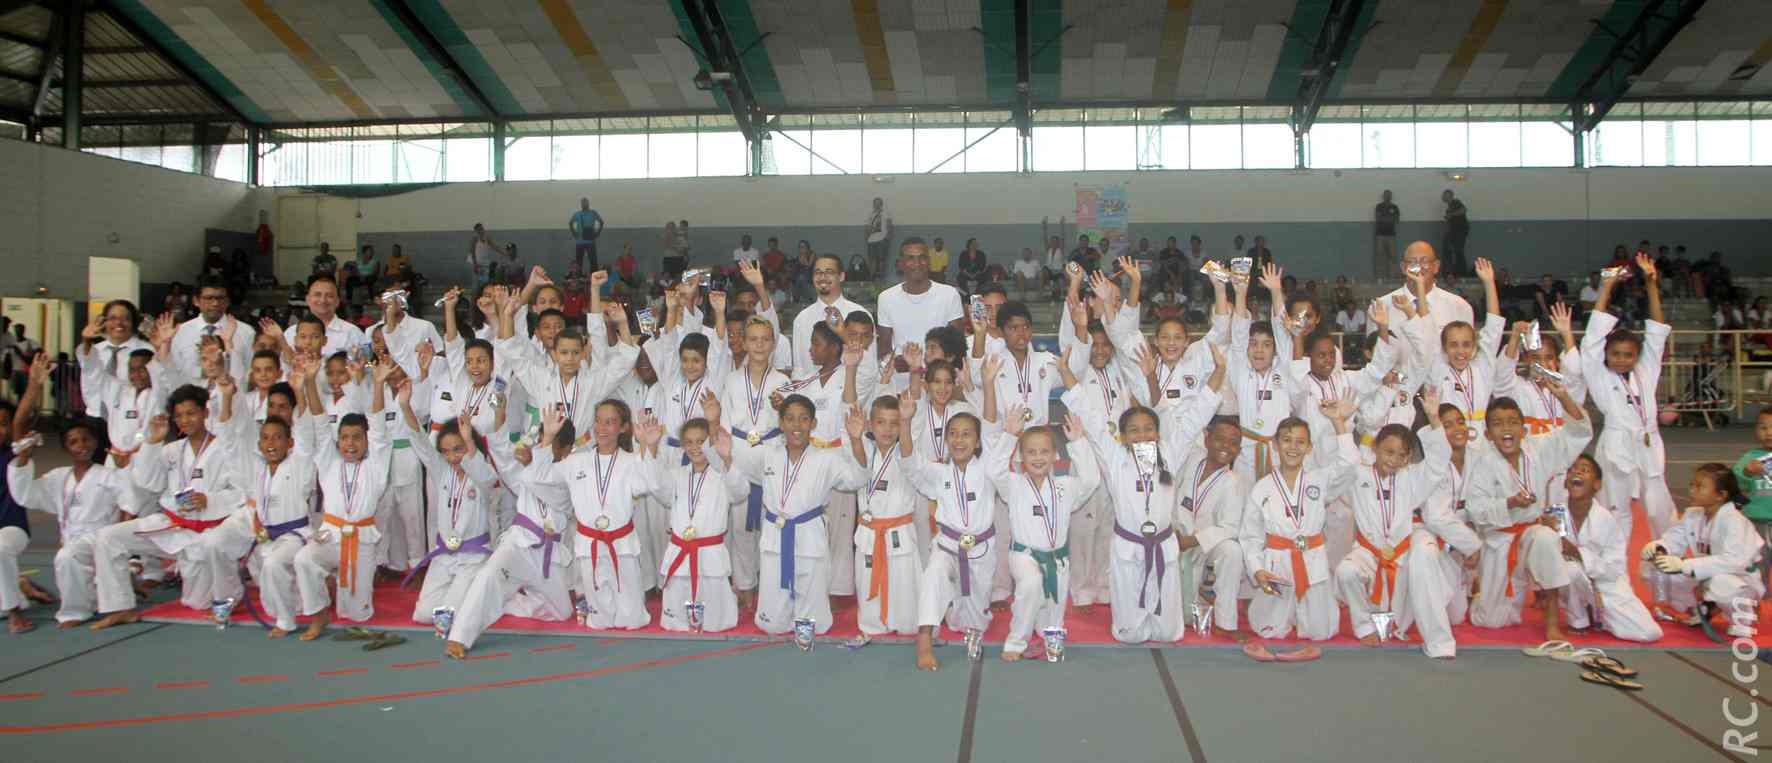 Les compétitions du 19 février ont rassemblé près d'une centaine de concurrents